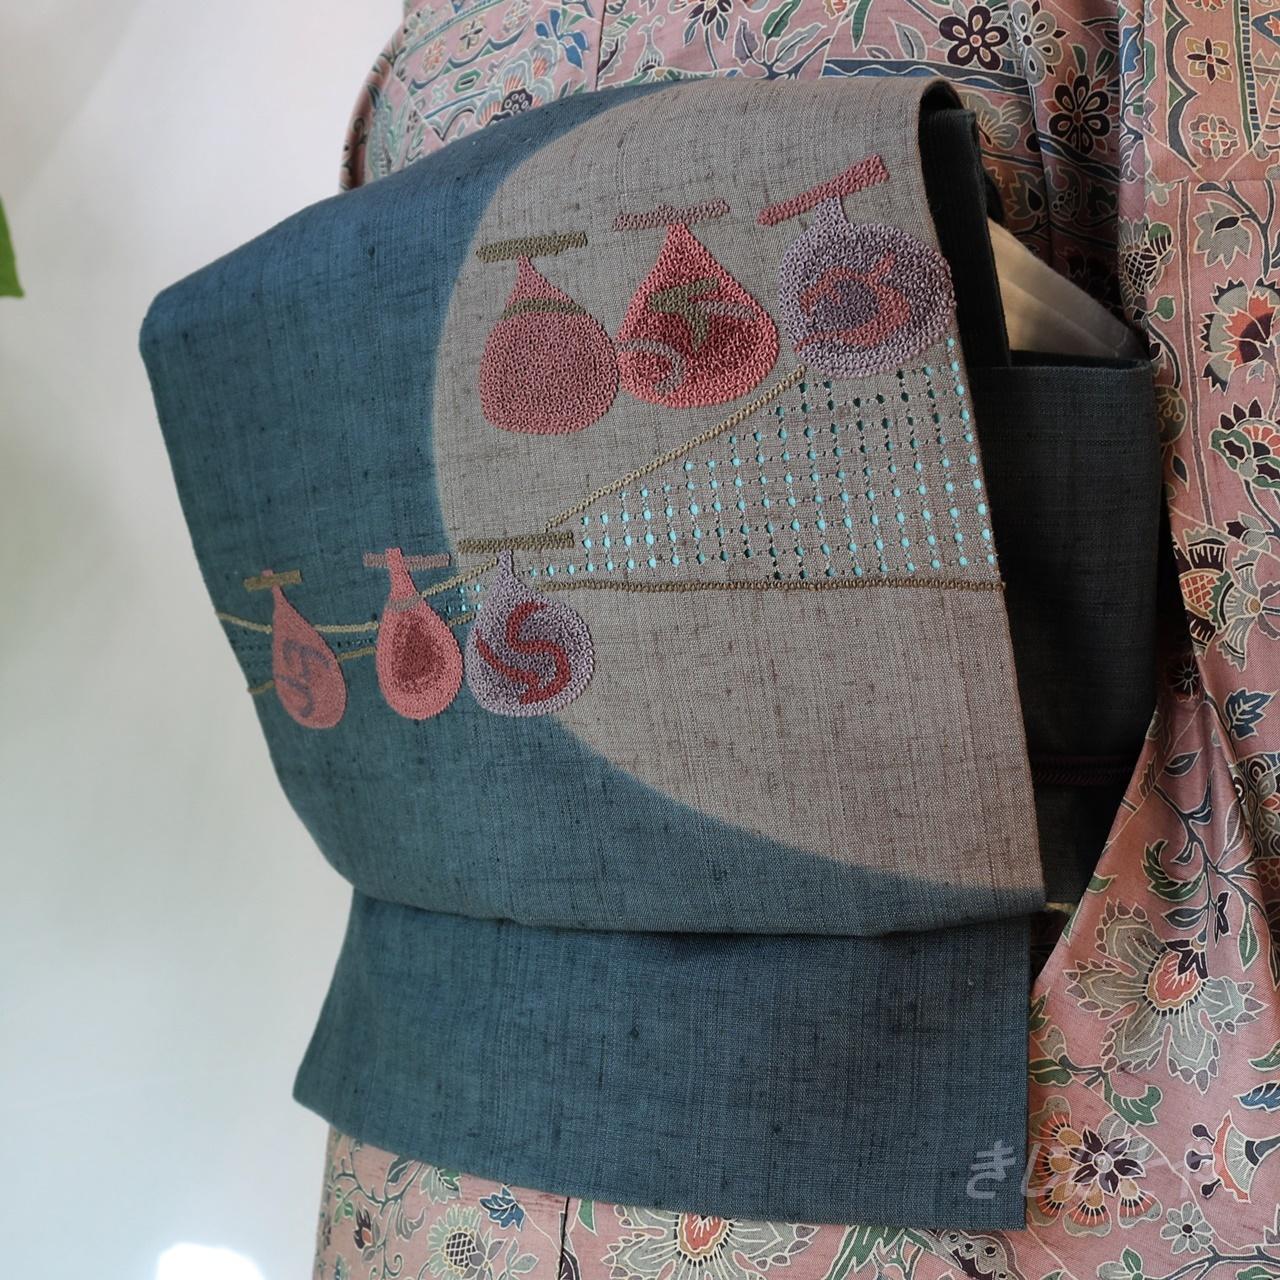 【N様ご予約品】正絹紬 青黒に相良刺繍とスワトウのなごや